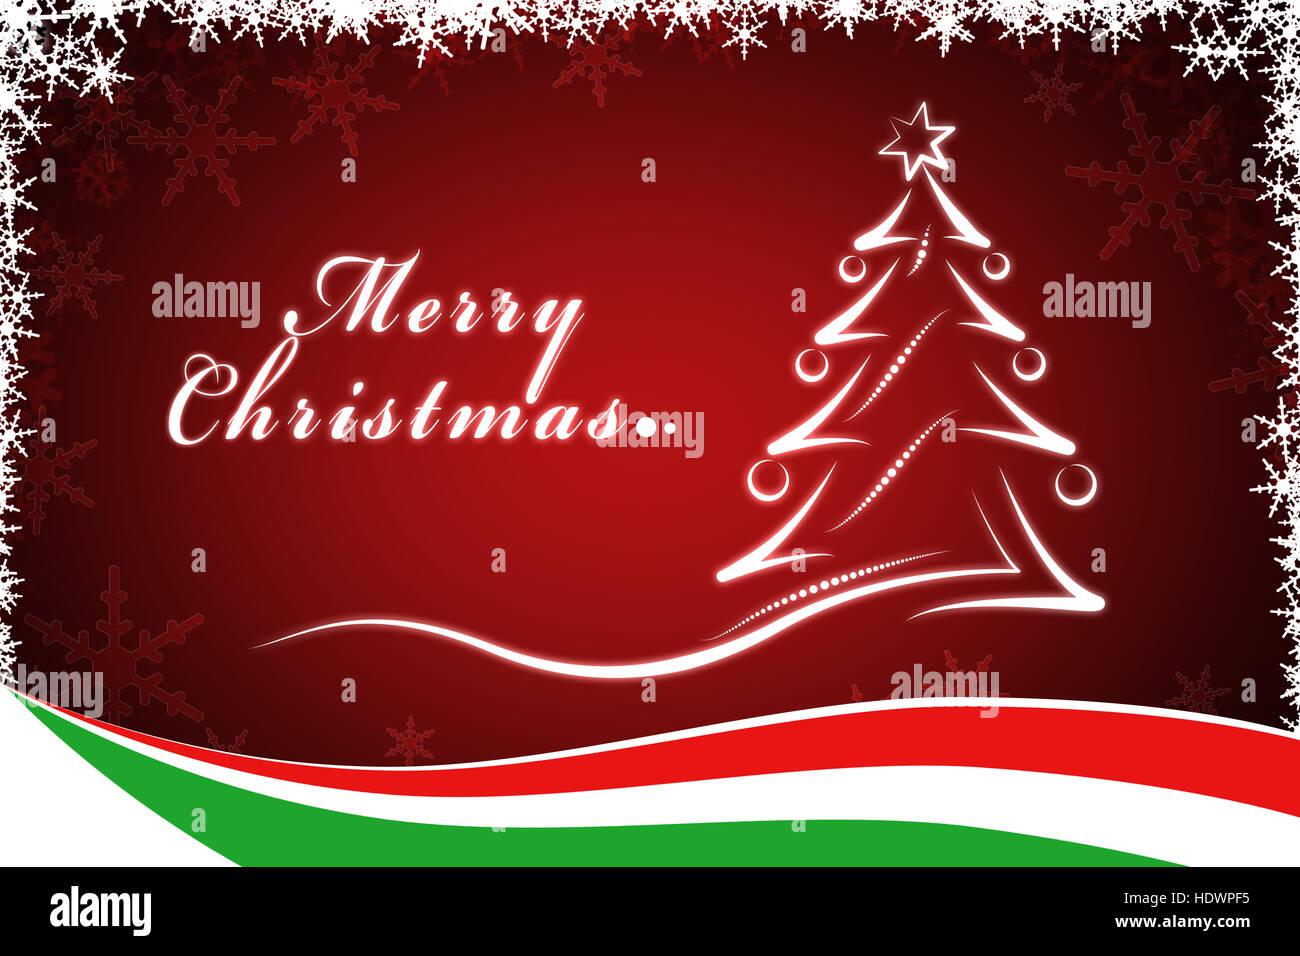 Weihnachtsbaum Mit Italienischer Flagge Stockfoto Bild 129029577